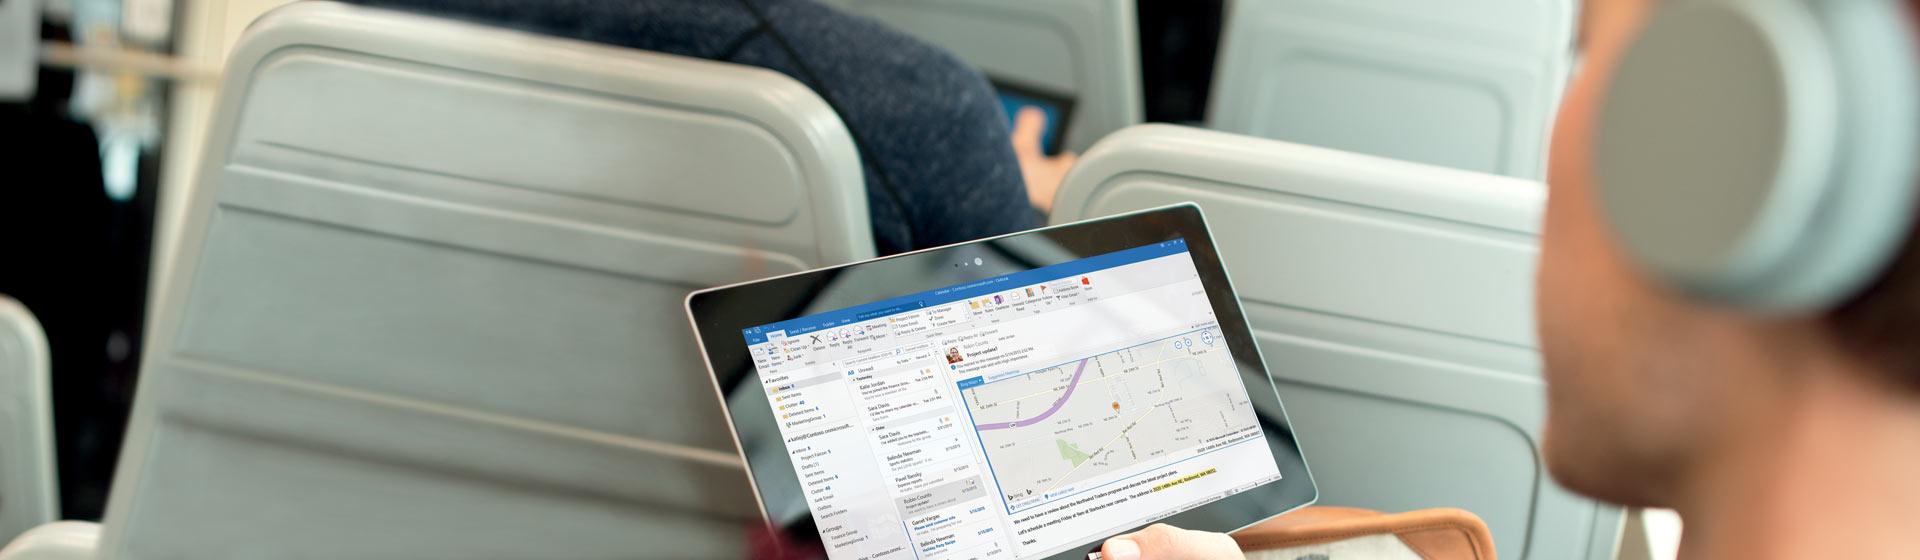 Muž držící tablet, na kterém je vidět e-mailová složka Doručená pošta v Office 365